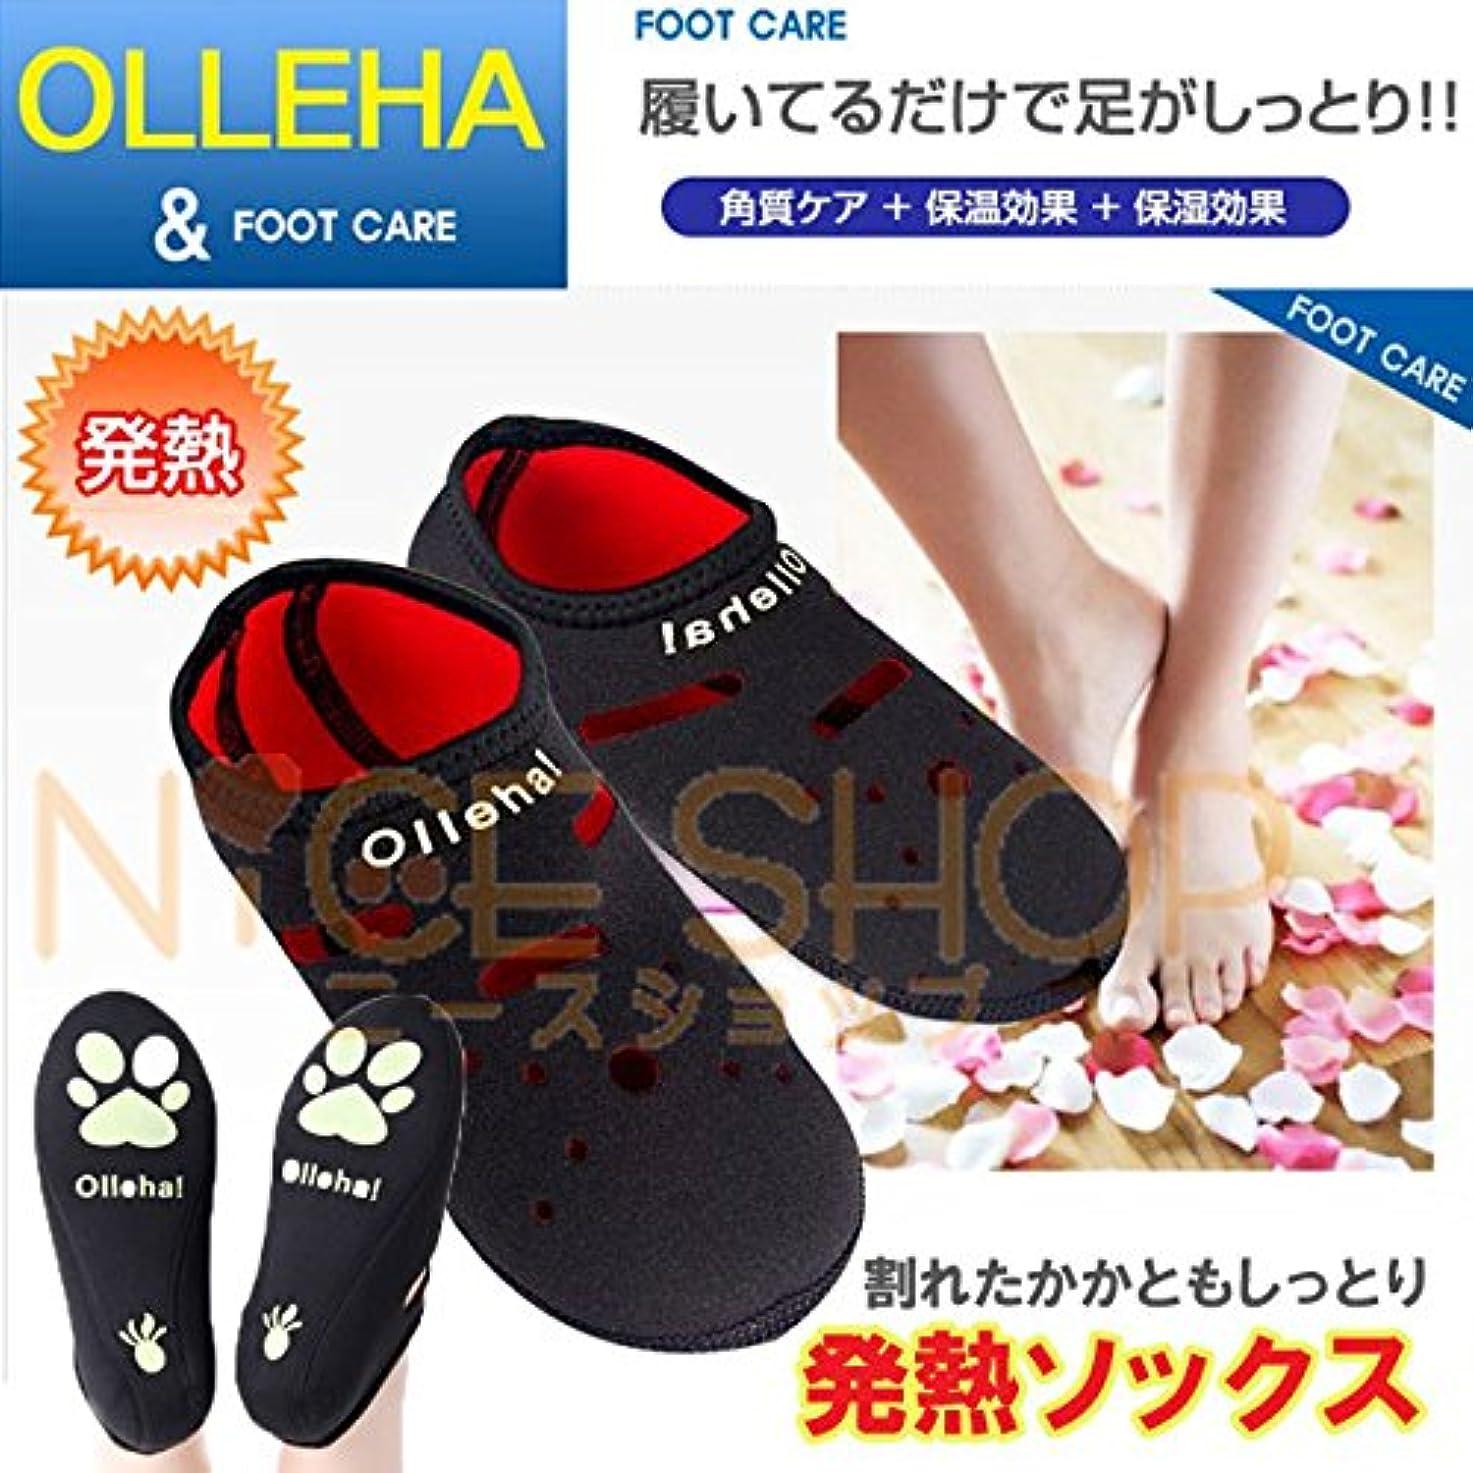 シェード食堂保守的発熱靴下(足袋)発熱ソックス、フットケアー Olleha! (S(22.0~23.0))